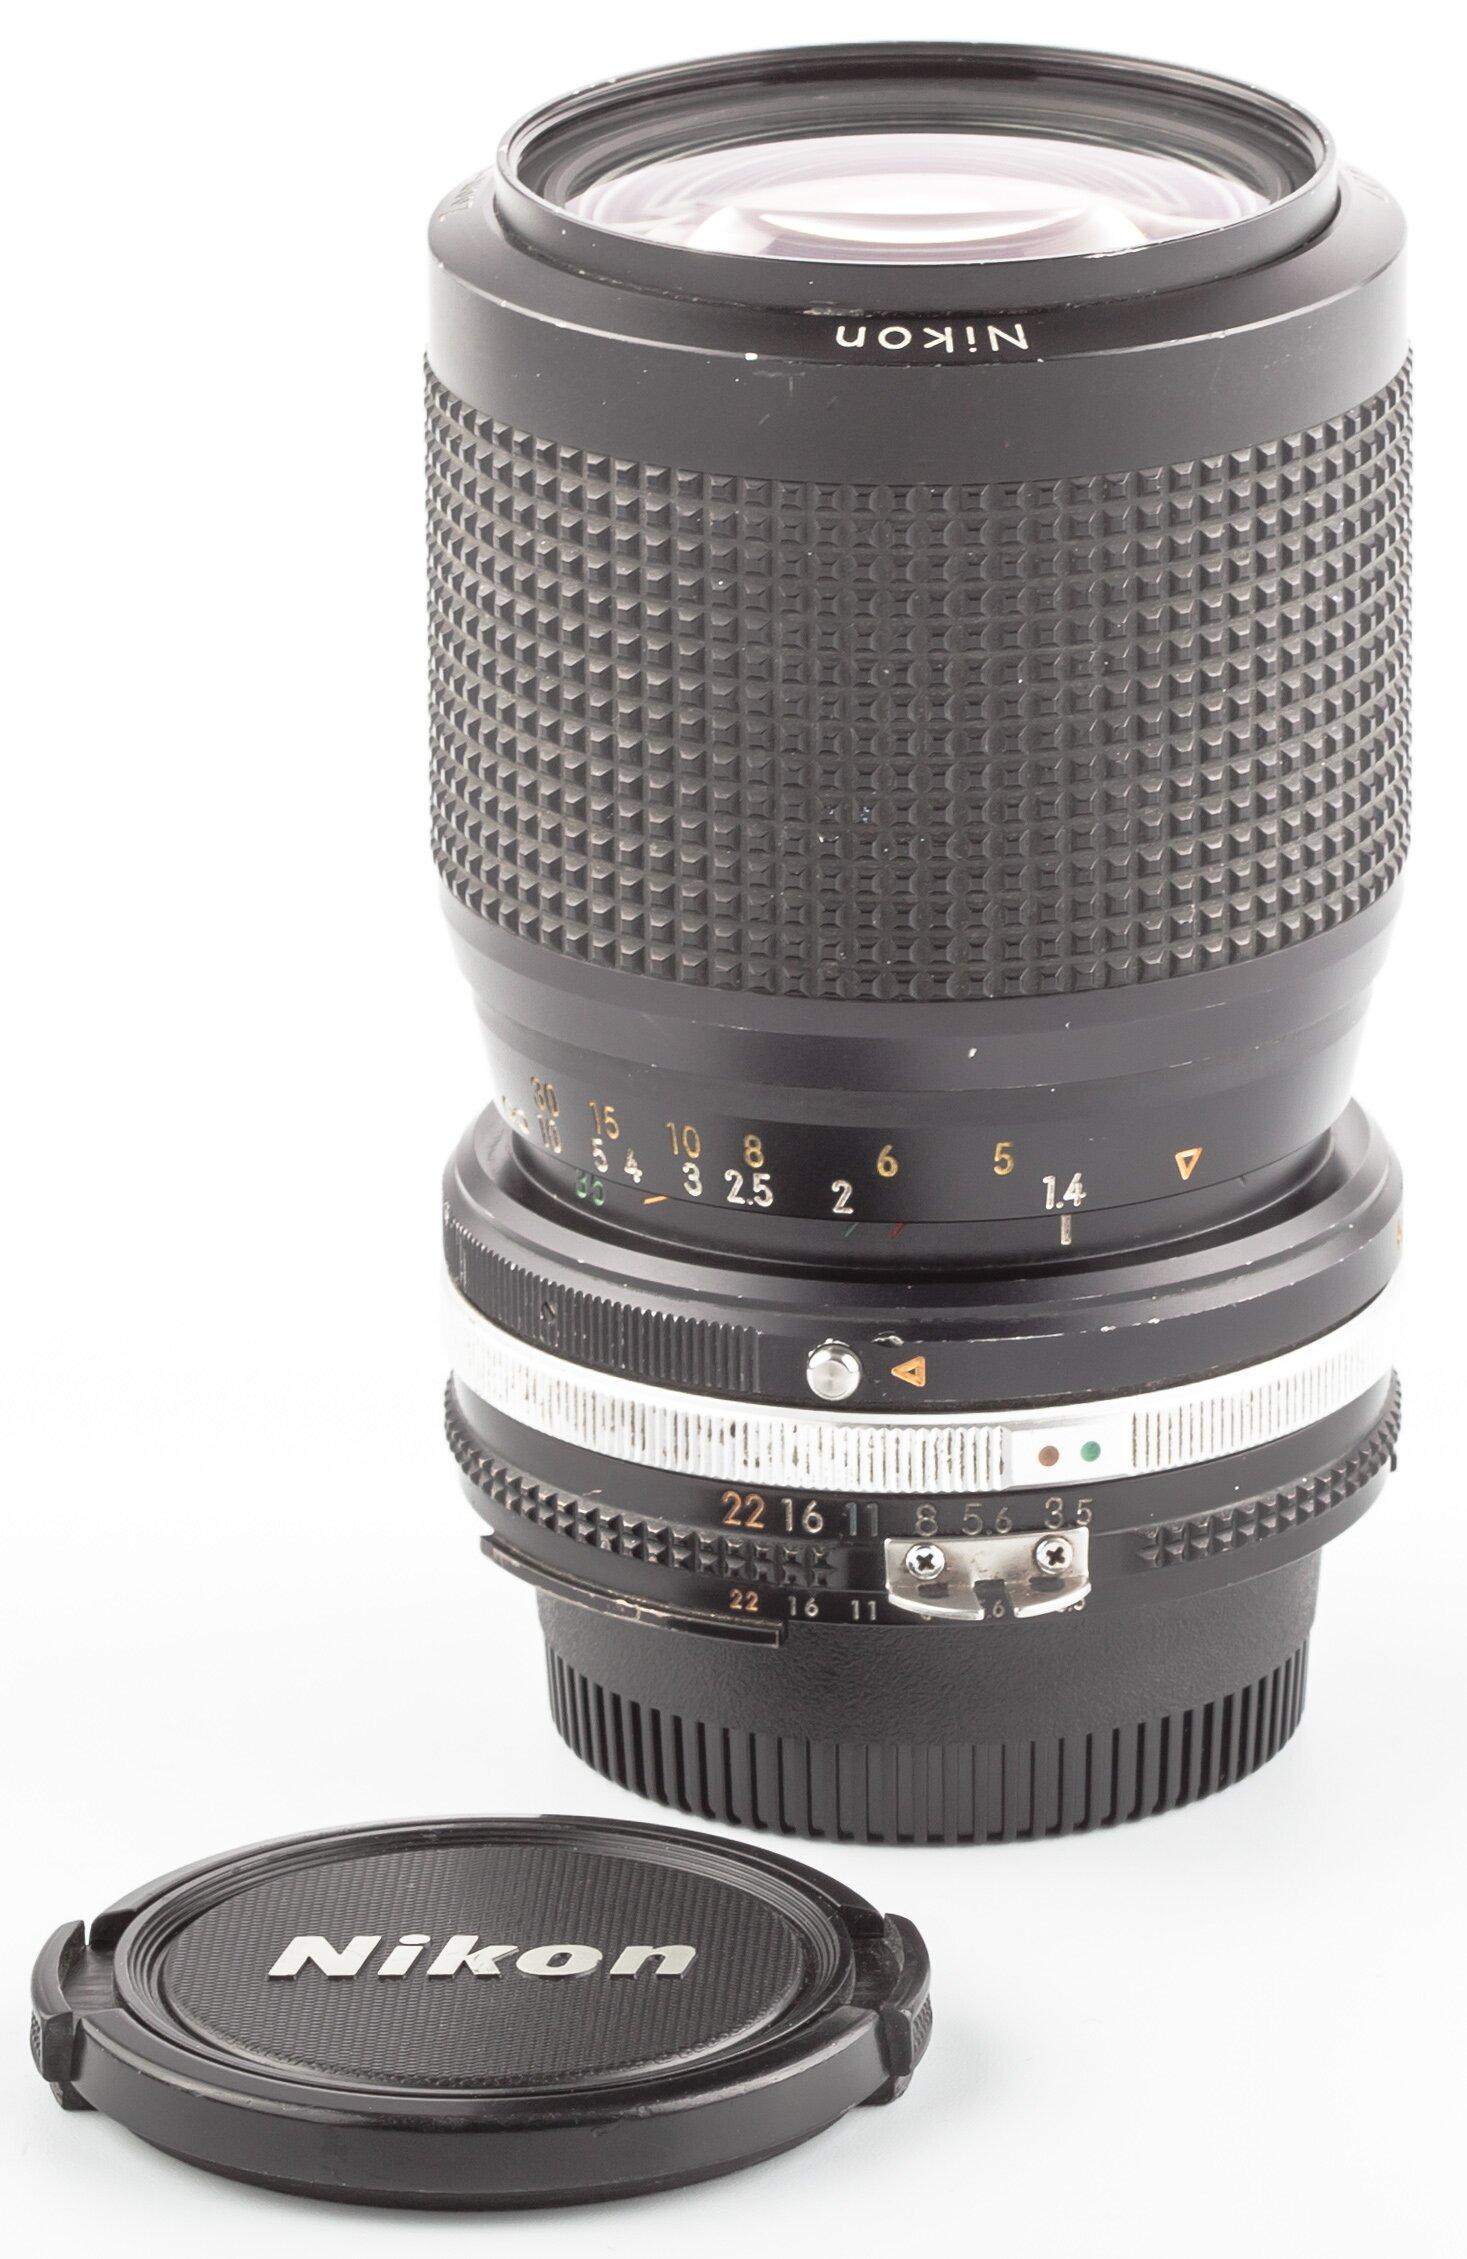 Nikon AIS Zoom-Nikkor 35-105mm 3,5-4,5